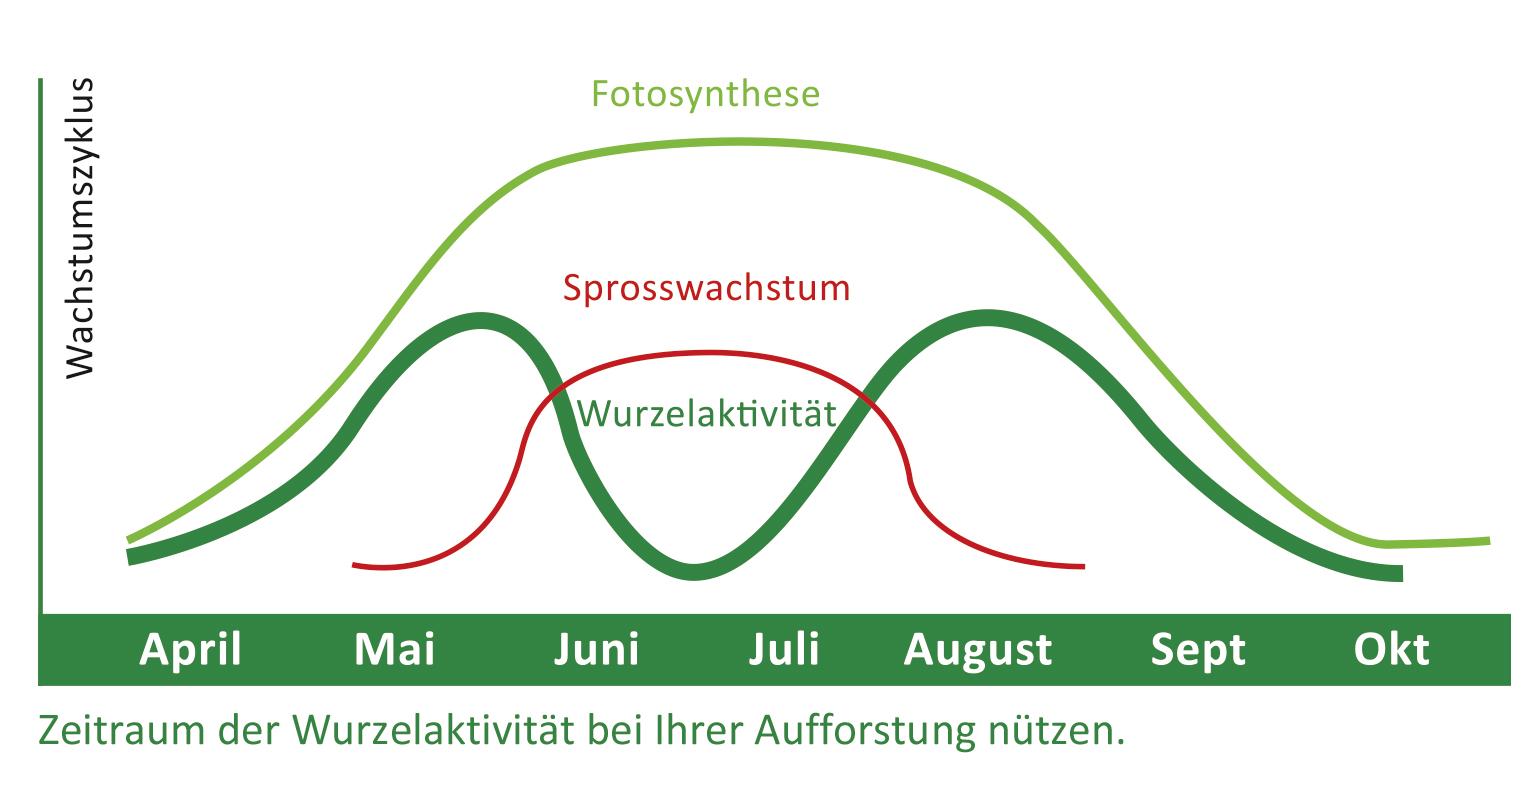 Grafik Spätsommeraufforstung